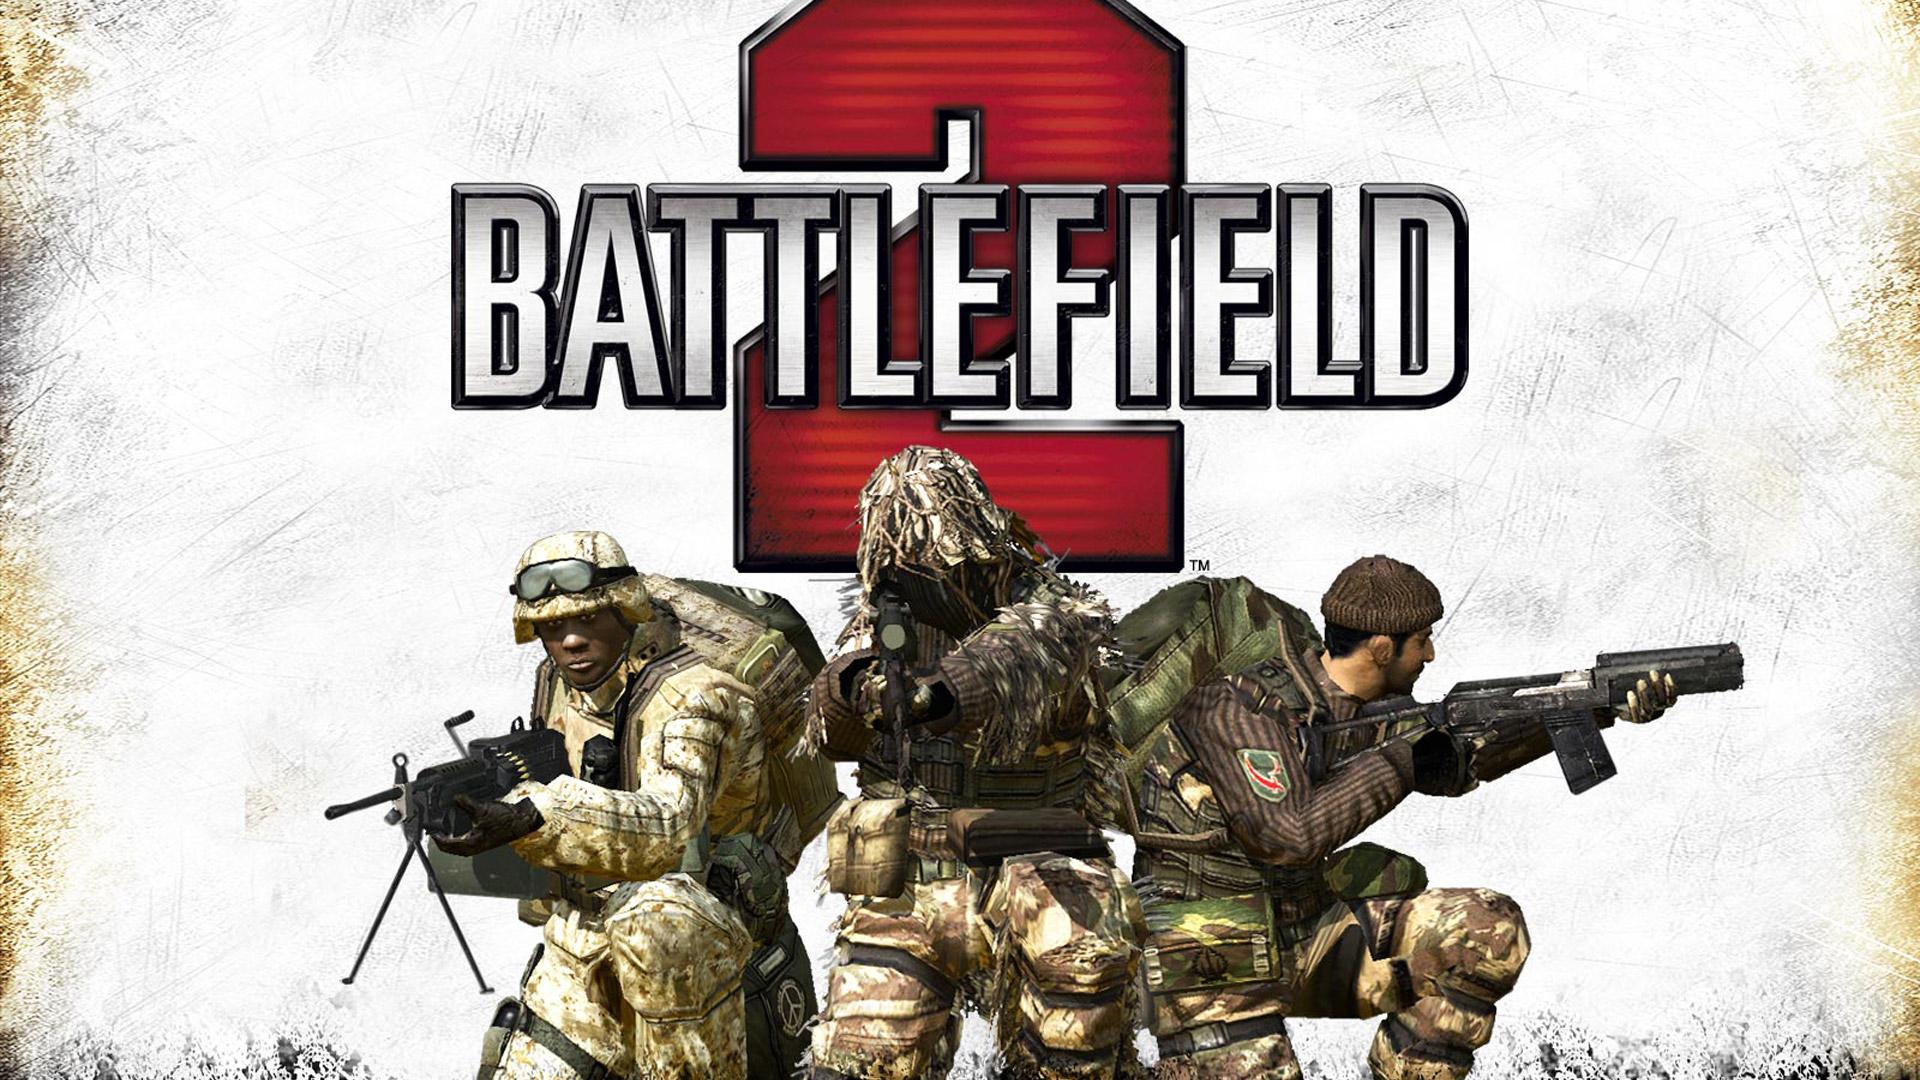 Battlefield 2 Wallpaper in 1920x1080